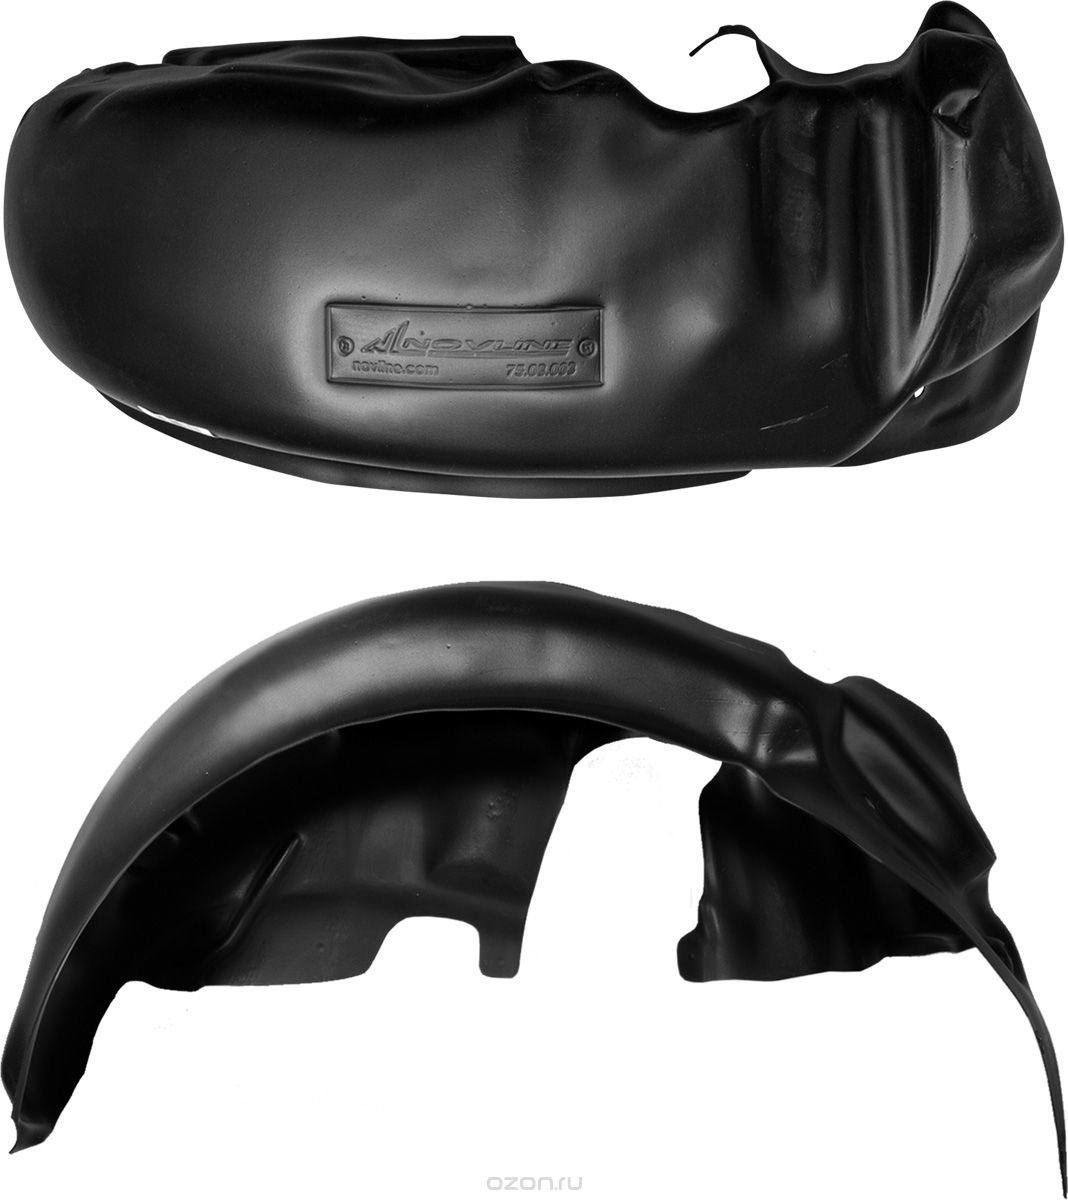 Подкрылок Novline-Autofamily, для CHERY Indis, 2011->, передний левыйSVC-300Идеальная защита колесной ниши. Локеры разработаны с применением цифровых технологий, гарантируют максимальную повторяемость поверхности арки. Изделия устанавливаются без нарушения лакокрасочного покрытия автомобиля, каждый подкрылок комплектуется крепежом. Уважаемые клиенты, обращаем ваше внимание, что фотографии на подкрылки универсальные и не отражают реальную форму изделия. При этом само изделие идет точно под размер указанного автомобиля.